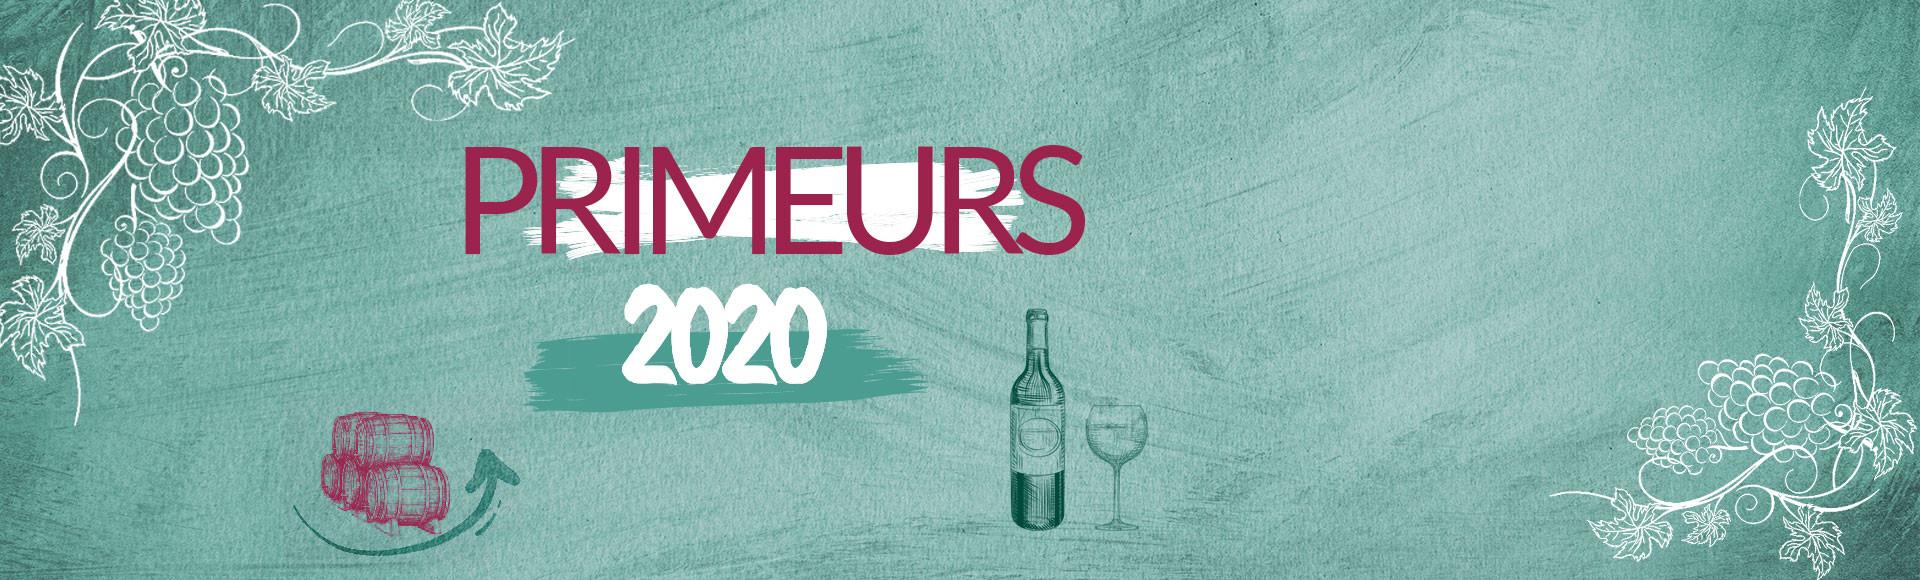 Vins Primeurs 2020